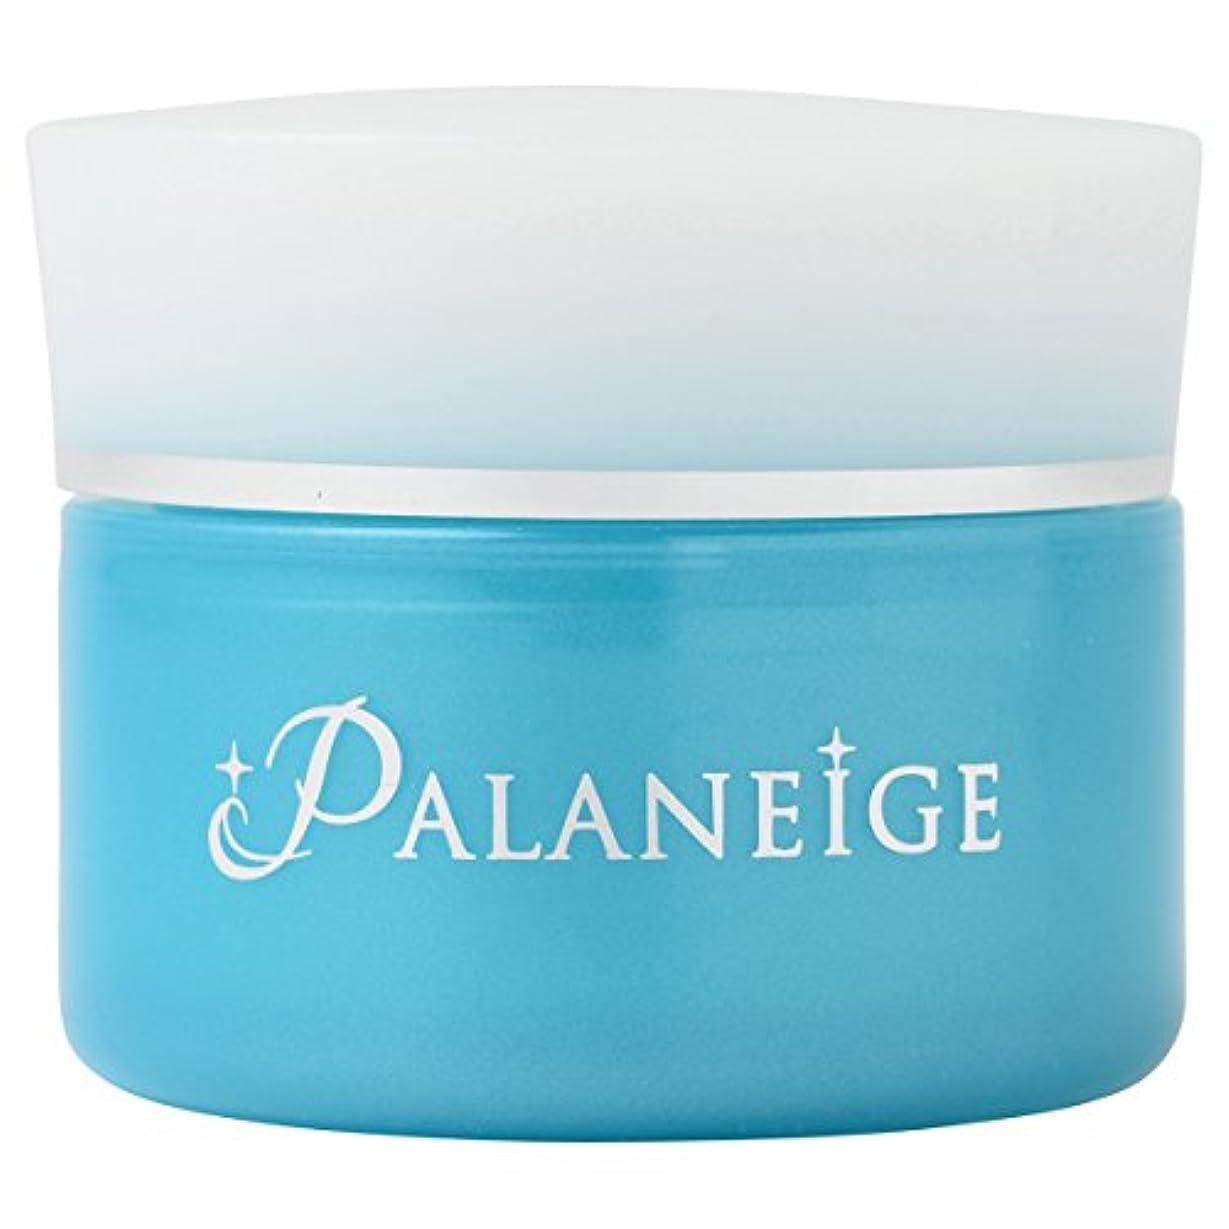 スープ好戦的なコストパラネージュ ( Palaneige ) アルブチンの8倍の美白効果とプラセンタの250倍の美白有効成分があるパラオの白泥を利用した クレイパック